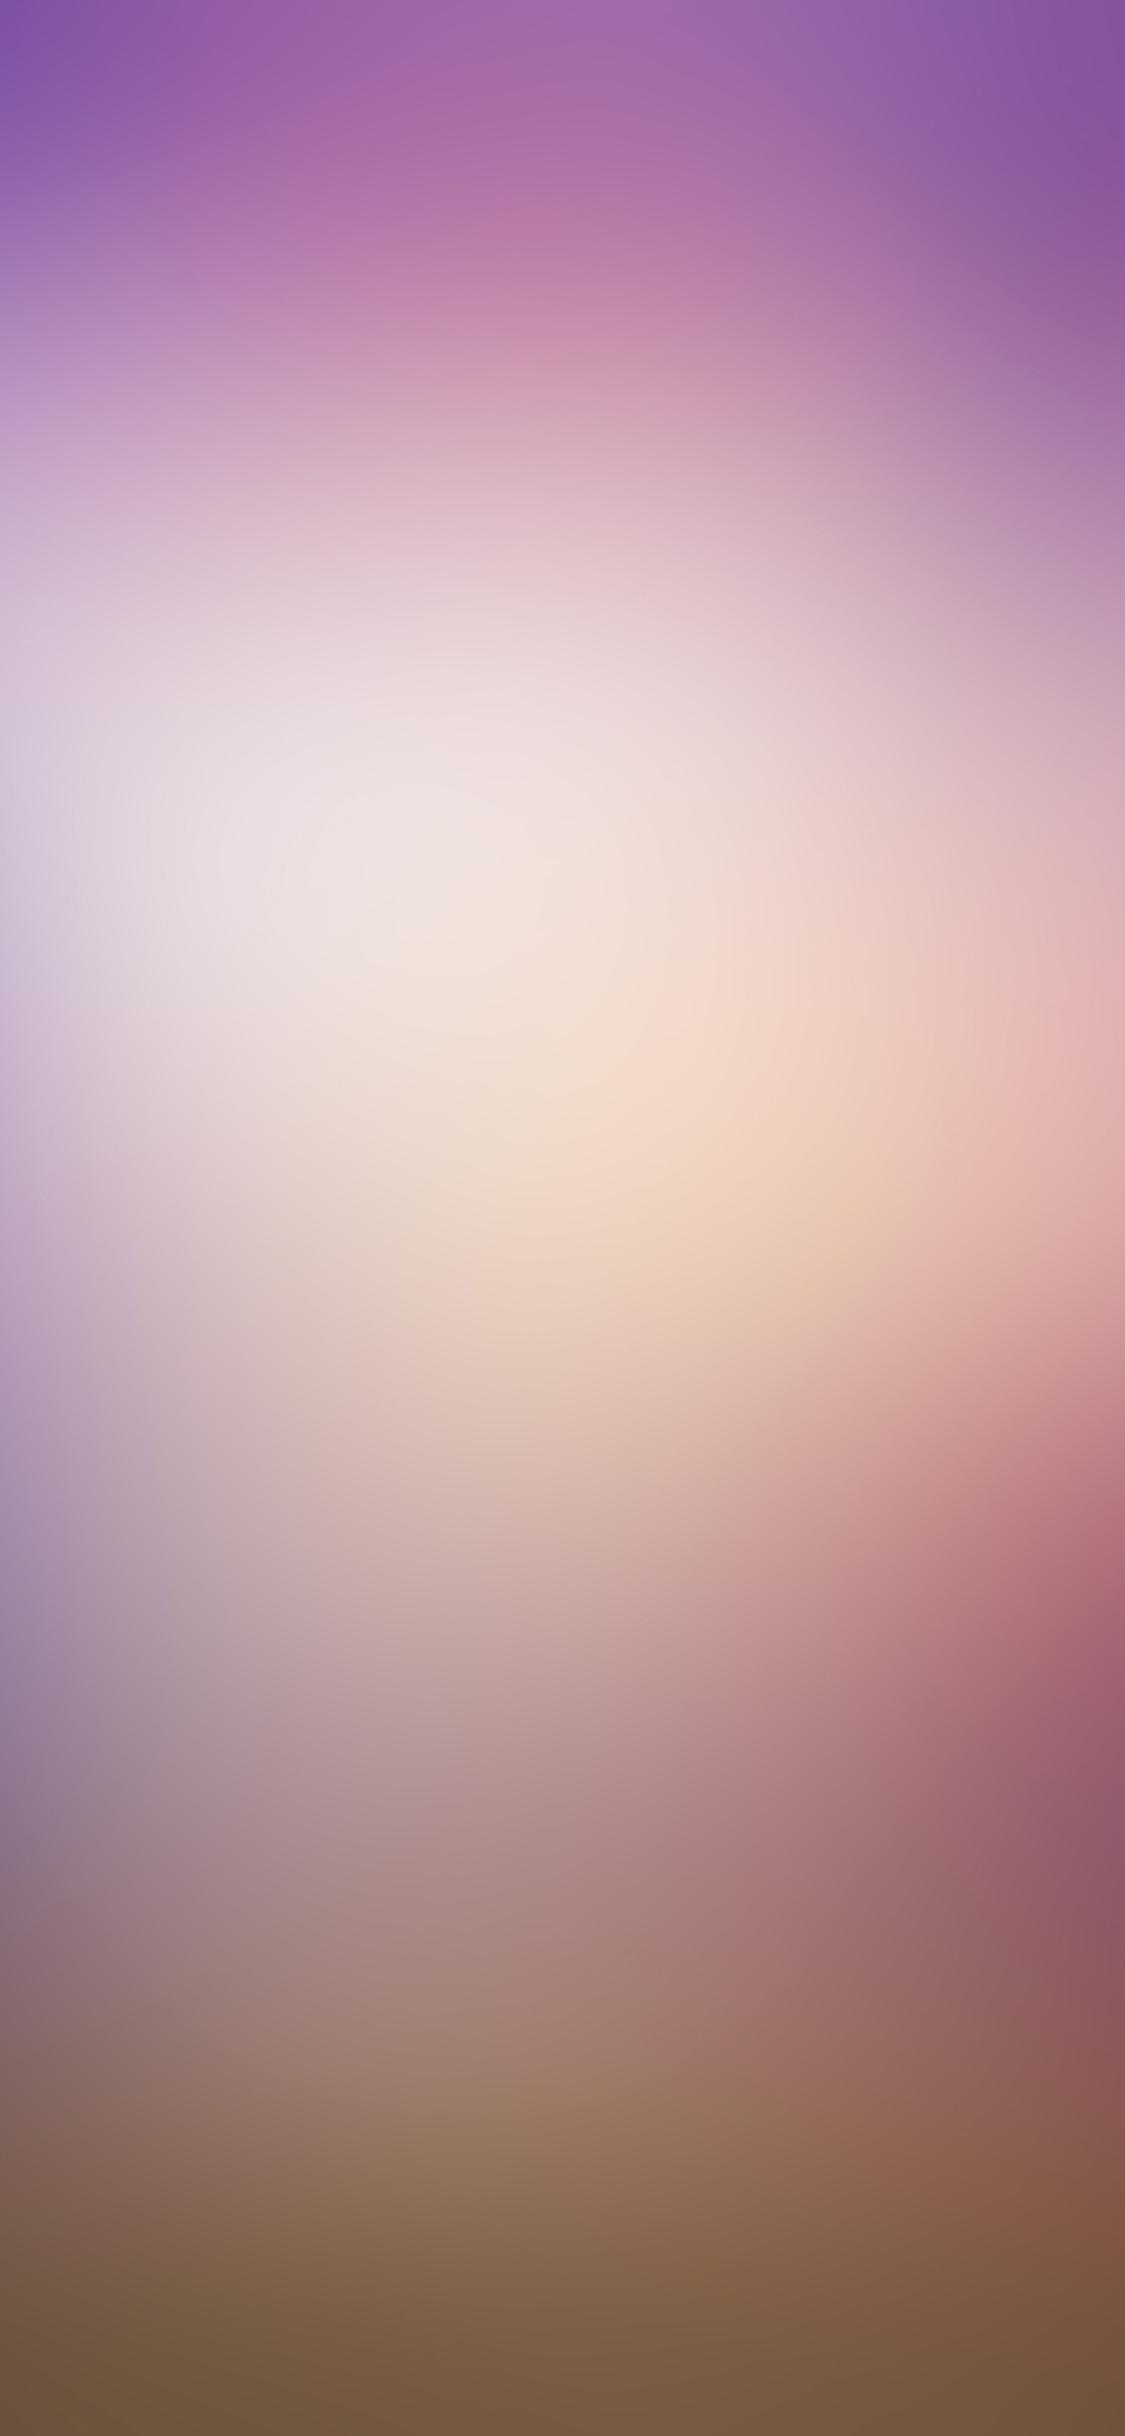 iPhoneXpapers.com-Apple-iPhone-wallpaper-sb17-wallpaper-dreamy-sea-boat-blue-blur